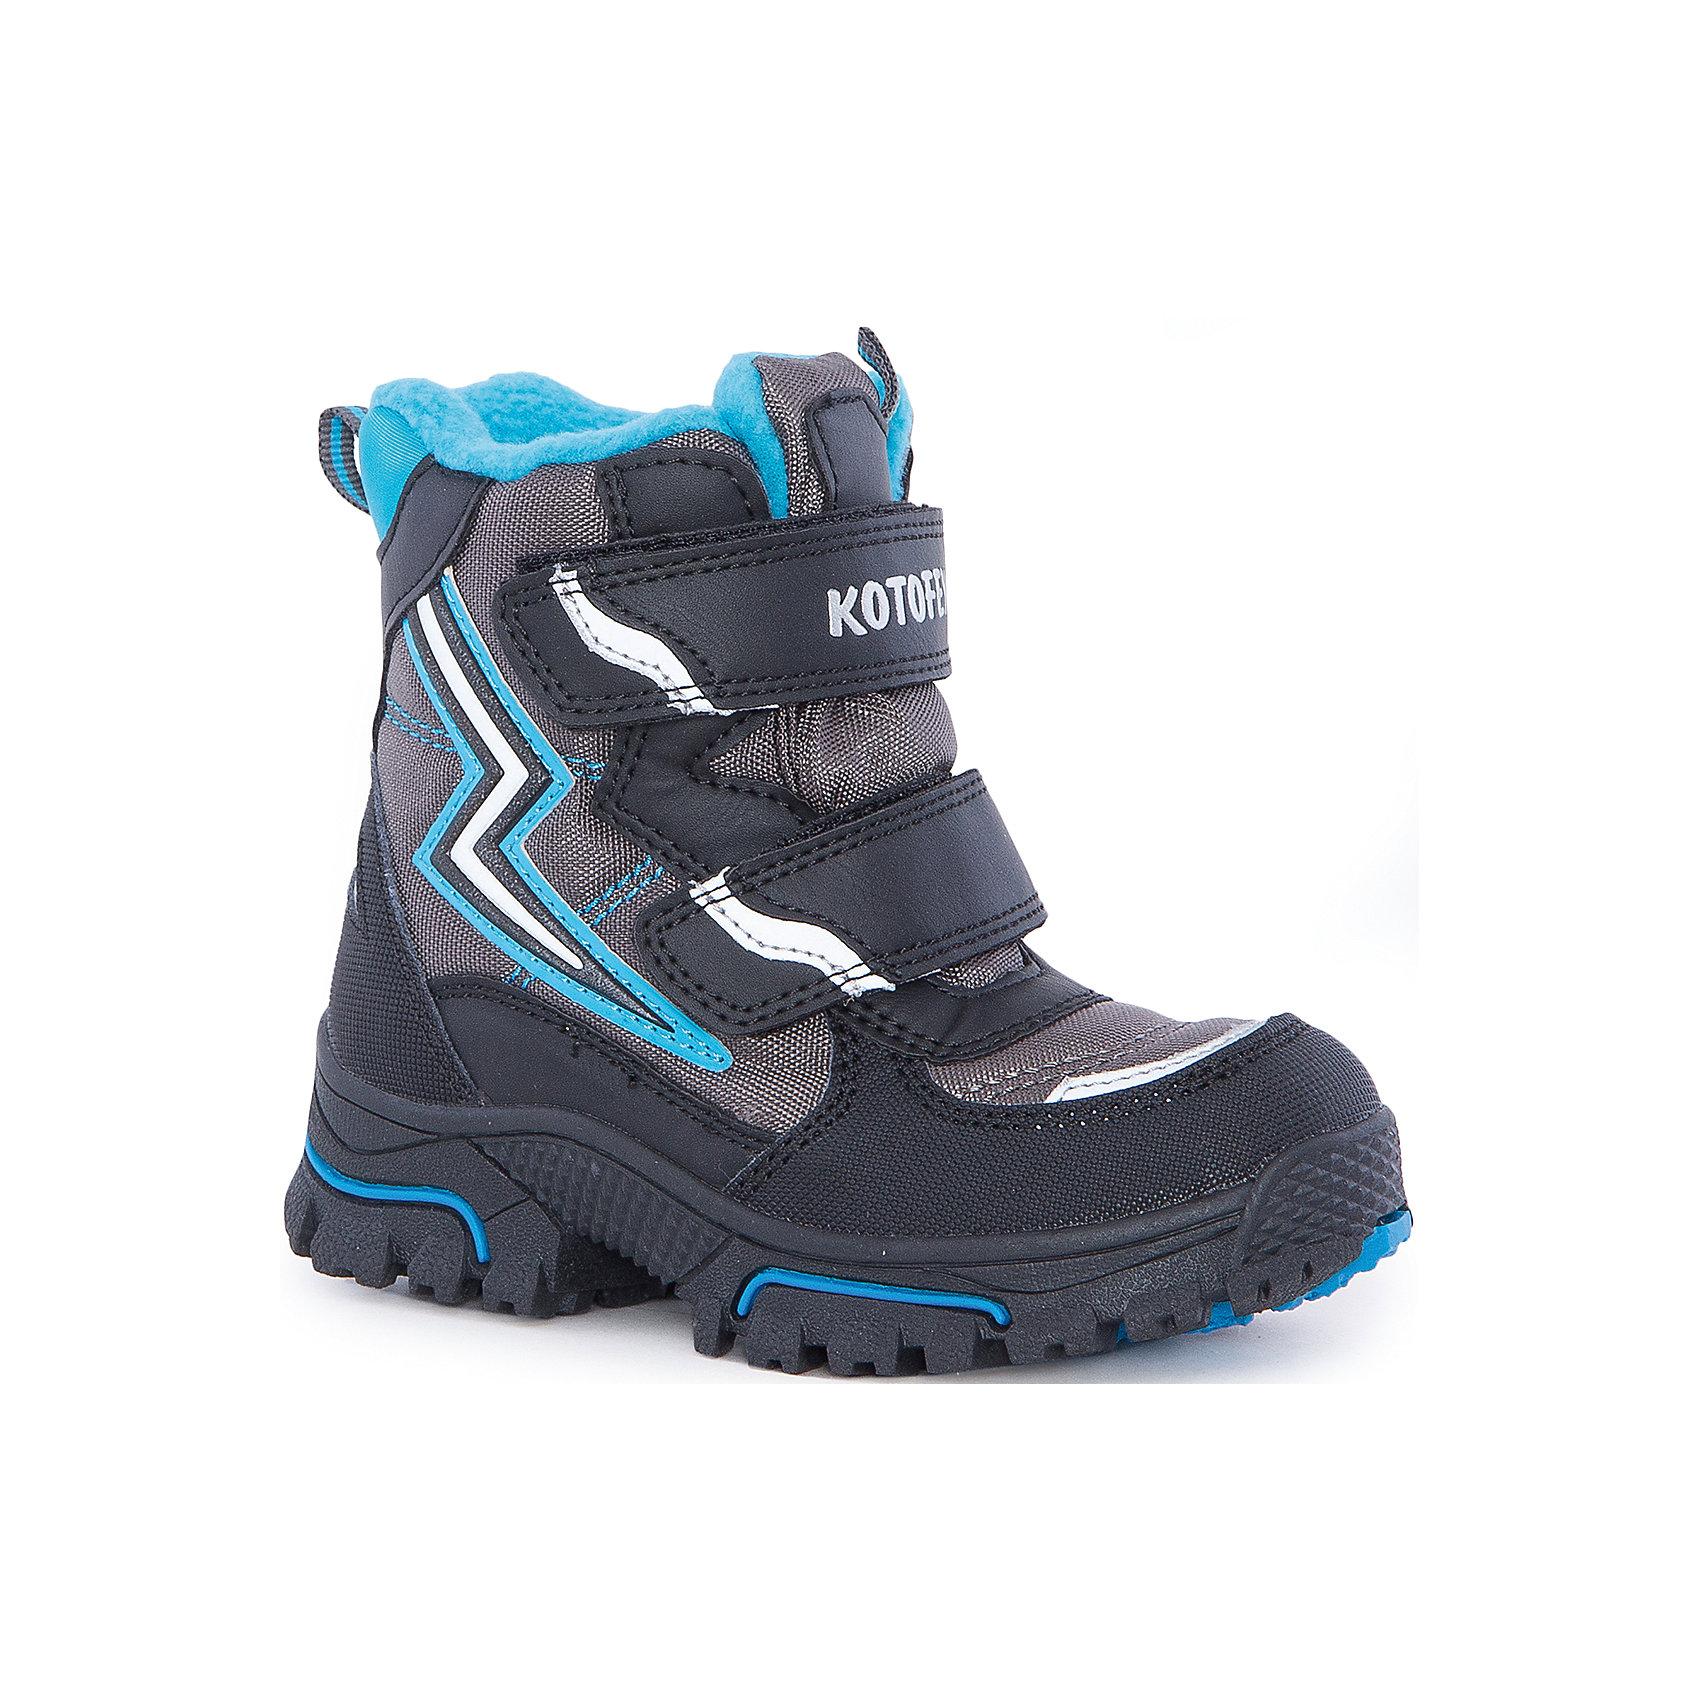 Ботинки  для мальчика КотофейБотинки<br>Ботинки  для мальчика Котофей.<br><br>Характеристики:<br><br>- Внешний материал: искусственная кожа, текстиль<br>- Внутренний материал: мех шерстяной<br>- Стелька: войлок<br>- Подошва: ТЭП<br>- Тип застежки: липучки<br>- Вид крепления обуви: литьевой<br>- Цвет: серый, голубой<br>- Сезон: зима<br>- Температурный режим: до -20 градусов<br>- Пол: для мальчиков<br><br>Ботинки торговой марки Котофей с нашивкой в виде молнии понравится абсолютно всем мальчикам! Они особенно хороши для активных прогулок. Верх выполнен из влагоотталкивающего текстиля и кожи. Подкладка - из натуральной шерсти, имеется дополнительная стелька из войлока, поэтому ножке в такой обуви тепло и уютно. Между материалами верха и подклада вшит специальный мембранный материал, отталкивающий влагу, но позволяющий ногам дышать. Гибкая, широкая, литьевая подошва с рельефным протектором обеспечит превосходное сцепление с поверхностью, не скользит. Она выполнена из термоэластопласта (ТЭП) – пластичного материала, отлично амортизирующего при шаге и не теряющего своих свойств при понижении температур. Два ремня с липучкой позволяют не только быстро обувать и снимать ботинки, но и обеспечивают плотное прилегание обуви к стопе. Детская обувь «Котофей» качественна, красива, добротна, комфортна и долговечна. Она производится на Егорьевской обувной фабрике. Жесткий контроль производства и постоянное совершенствование технологий при многолетнем опыте позволяют считать компанию одним из лидеров среди отечественных производителей детской обуви.<br><br>Ботинки  для мальчика Котофей можно купить в нашем интернет-магазине.<br><br>Ширина мм: 262<br>Глубина мм: 176<br>Высота мм: 97<br>Вес г: 427<br>Цвет: разноцветный<br>Возраст от месяцев: 24<br>Возраст до месяцев: 36<br>Пол: Мужской<br>Возраст: Детский<br>Размер: 26,30,27,28,29<br>SKU: 5086806